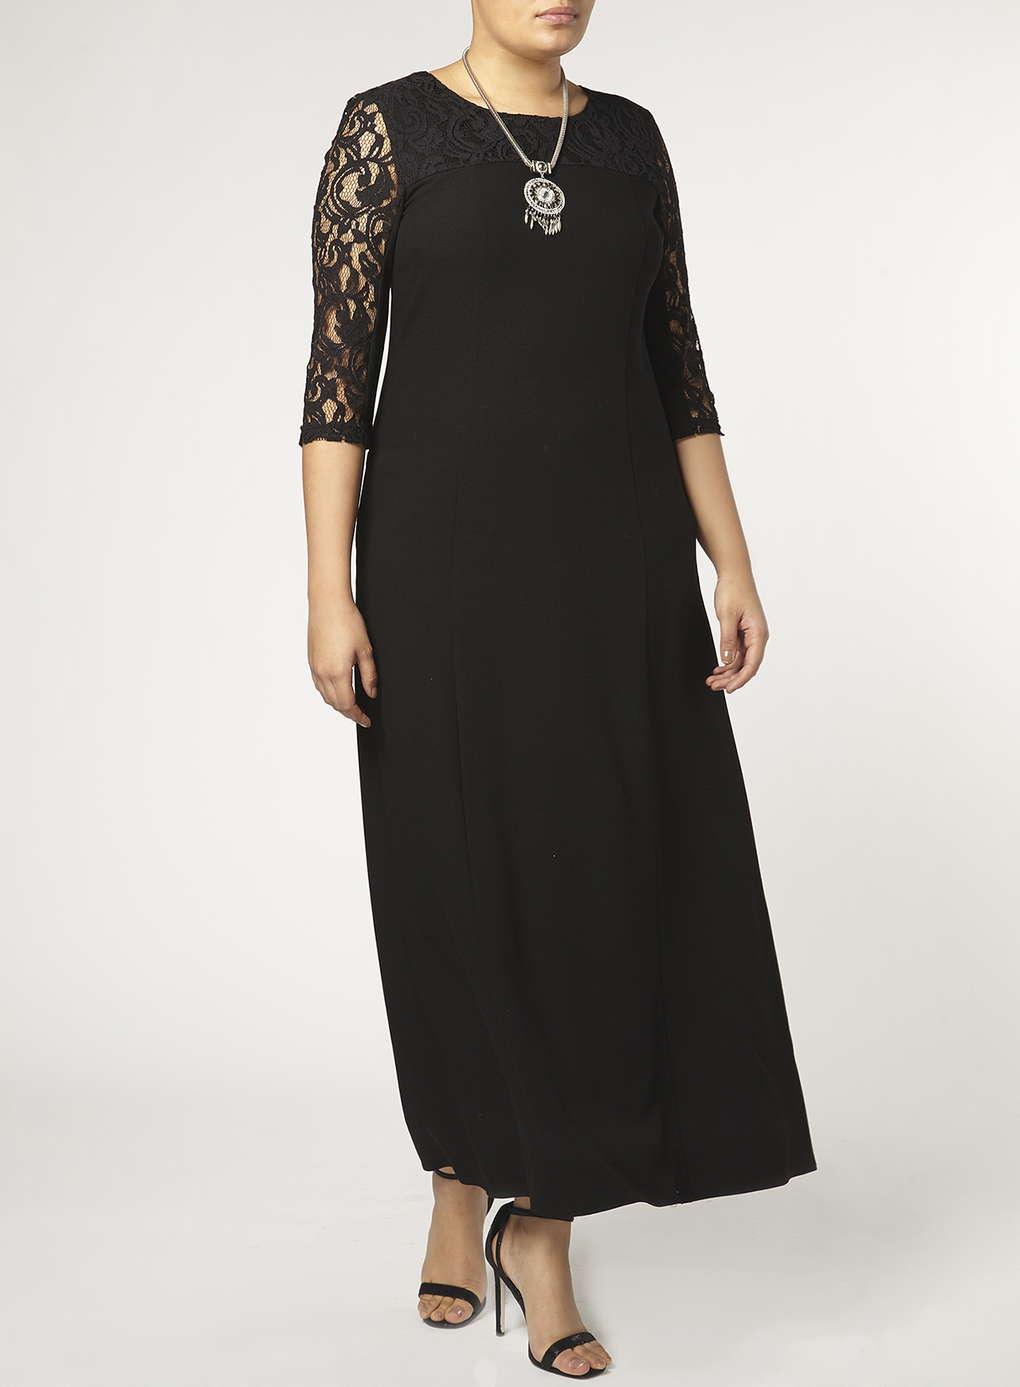 Büyük Beden Uzun Abiye Elbise Modelleri - Gece Elbiseleri - plus size dresses (10)